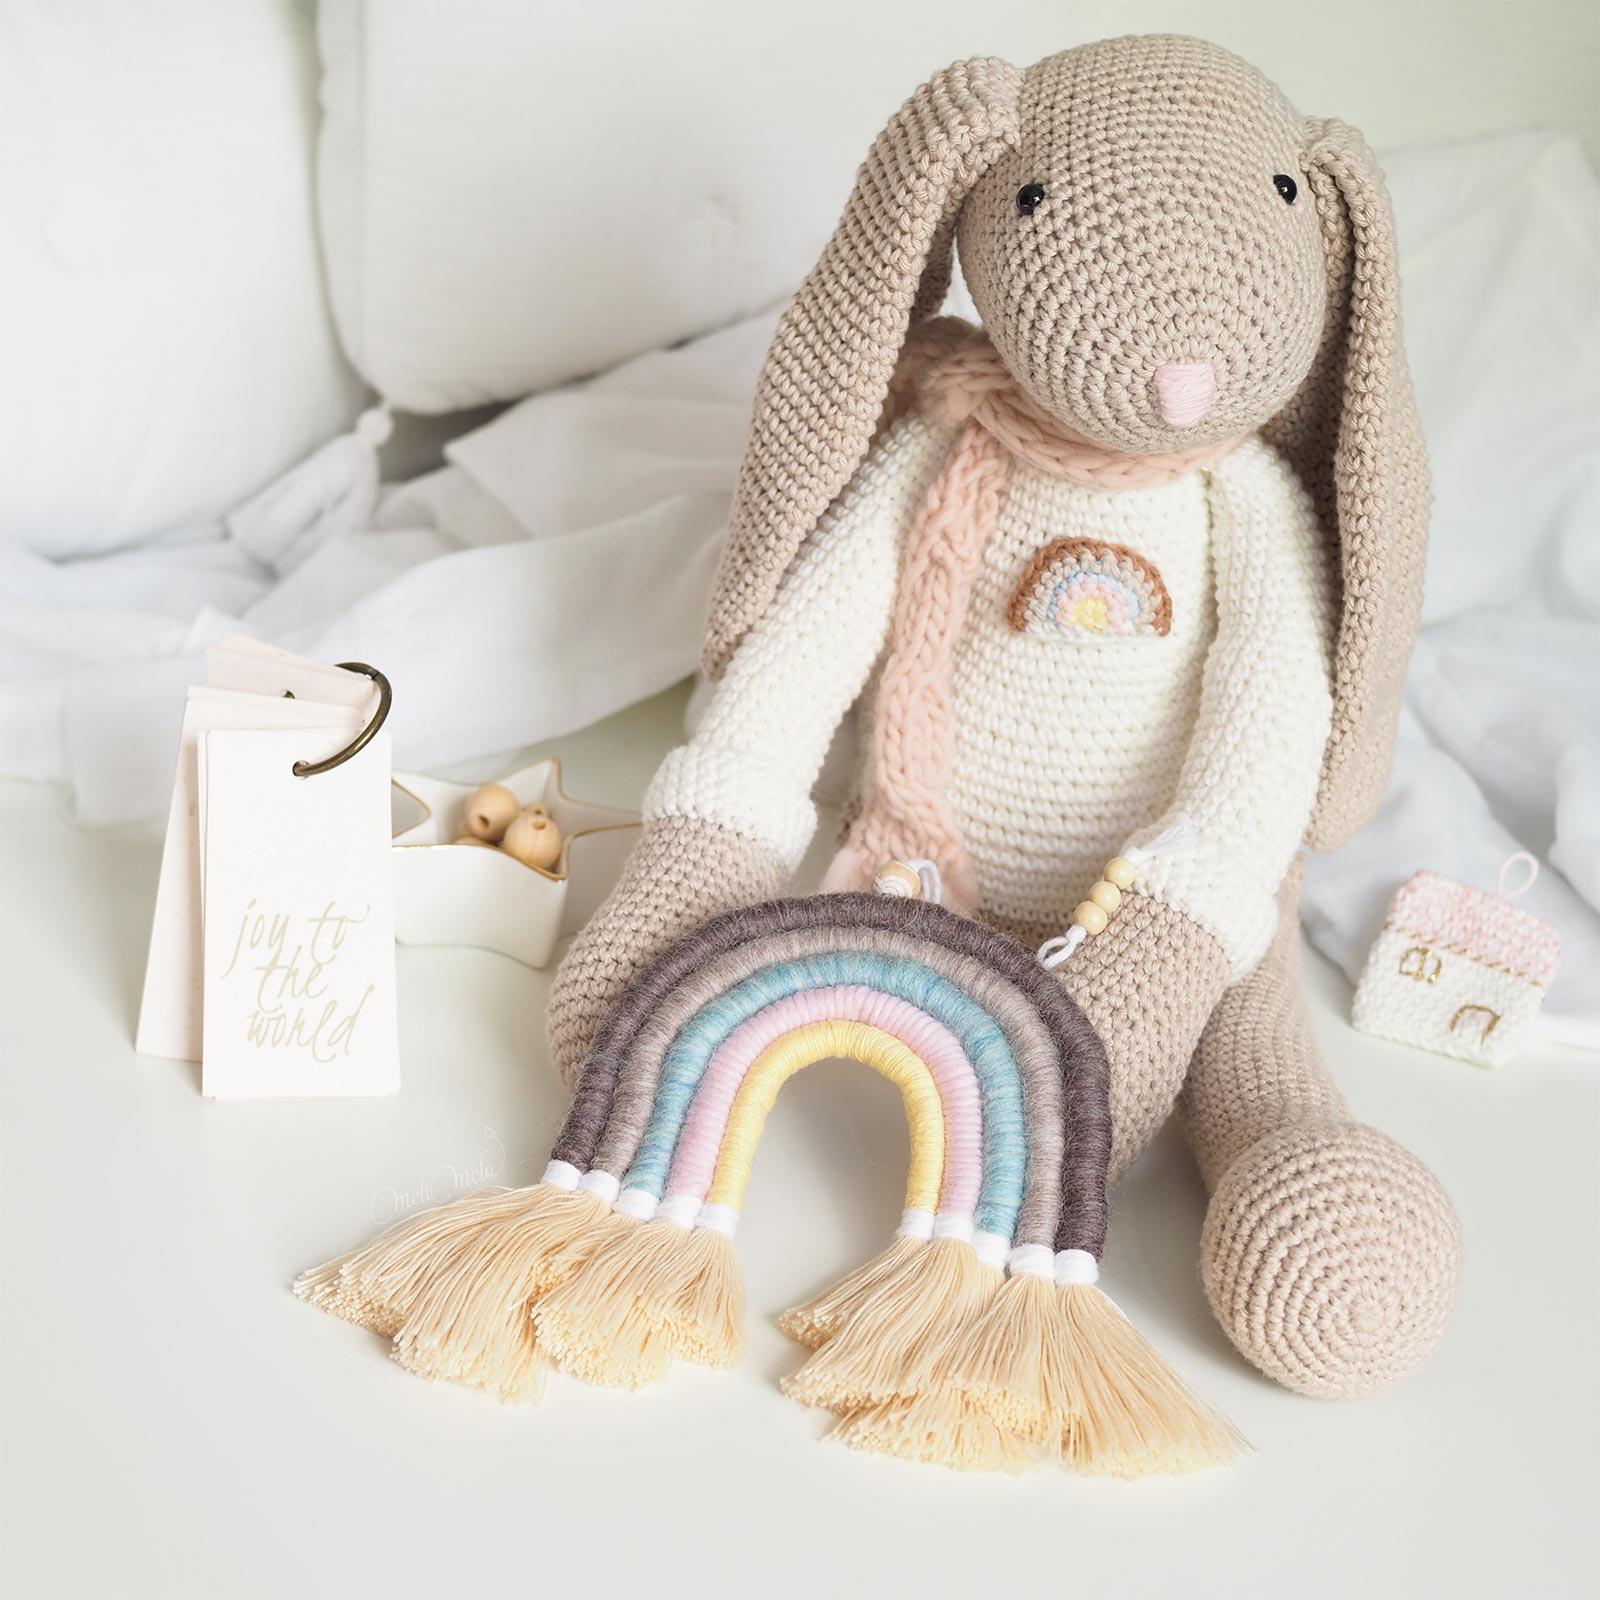 arc-en-ciel-laine-doudou-lapin-crochet-kit-DIY-laboutiquedemelimelo